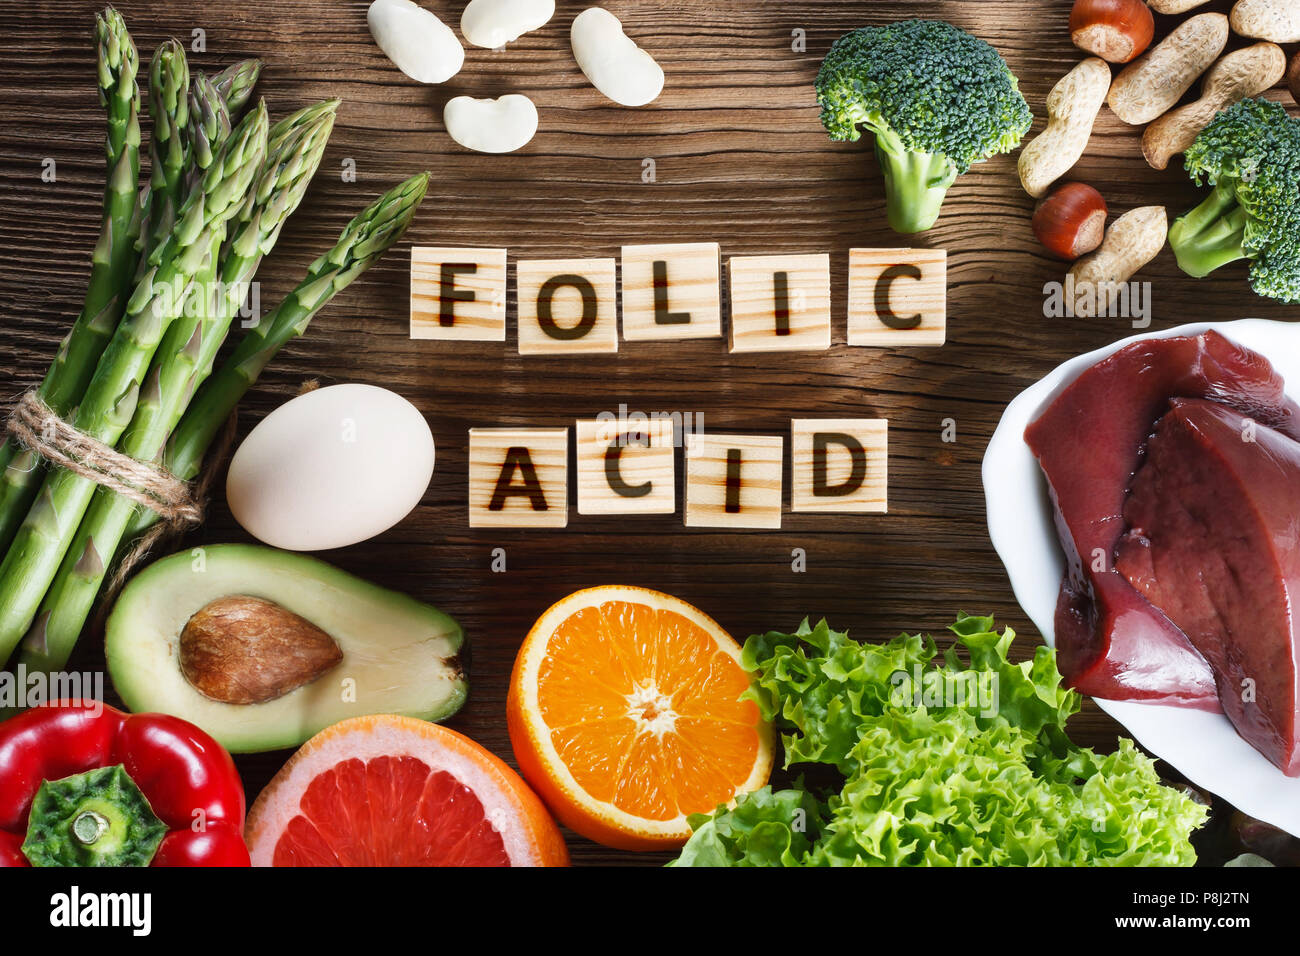 Les sources naturelles d'acide folique comme foie, asperges, brocoli, oeufs, salade, avocat, de paprika, de noix, d'orange, de betterave et de haricots Photo Stock